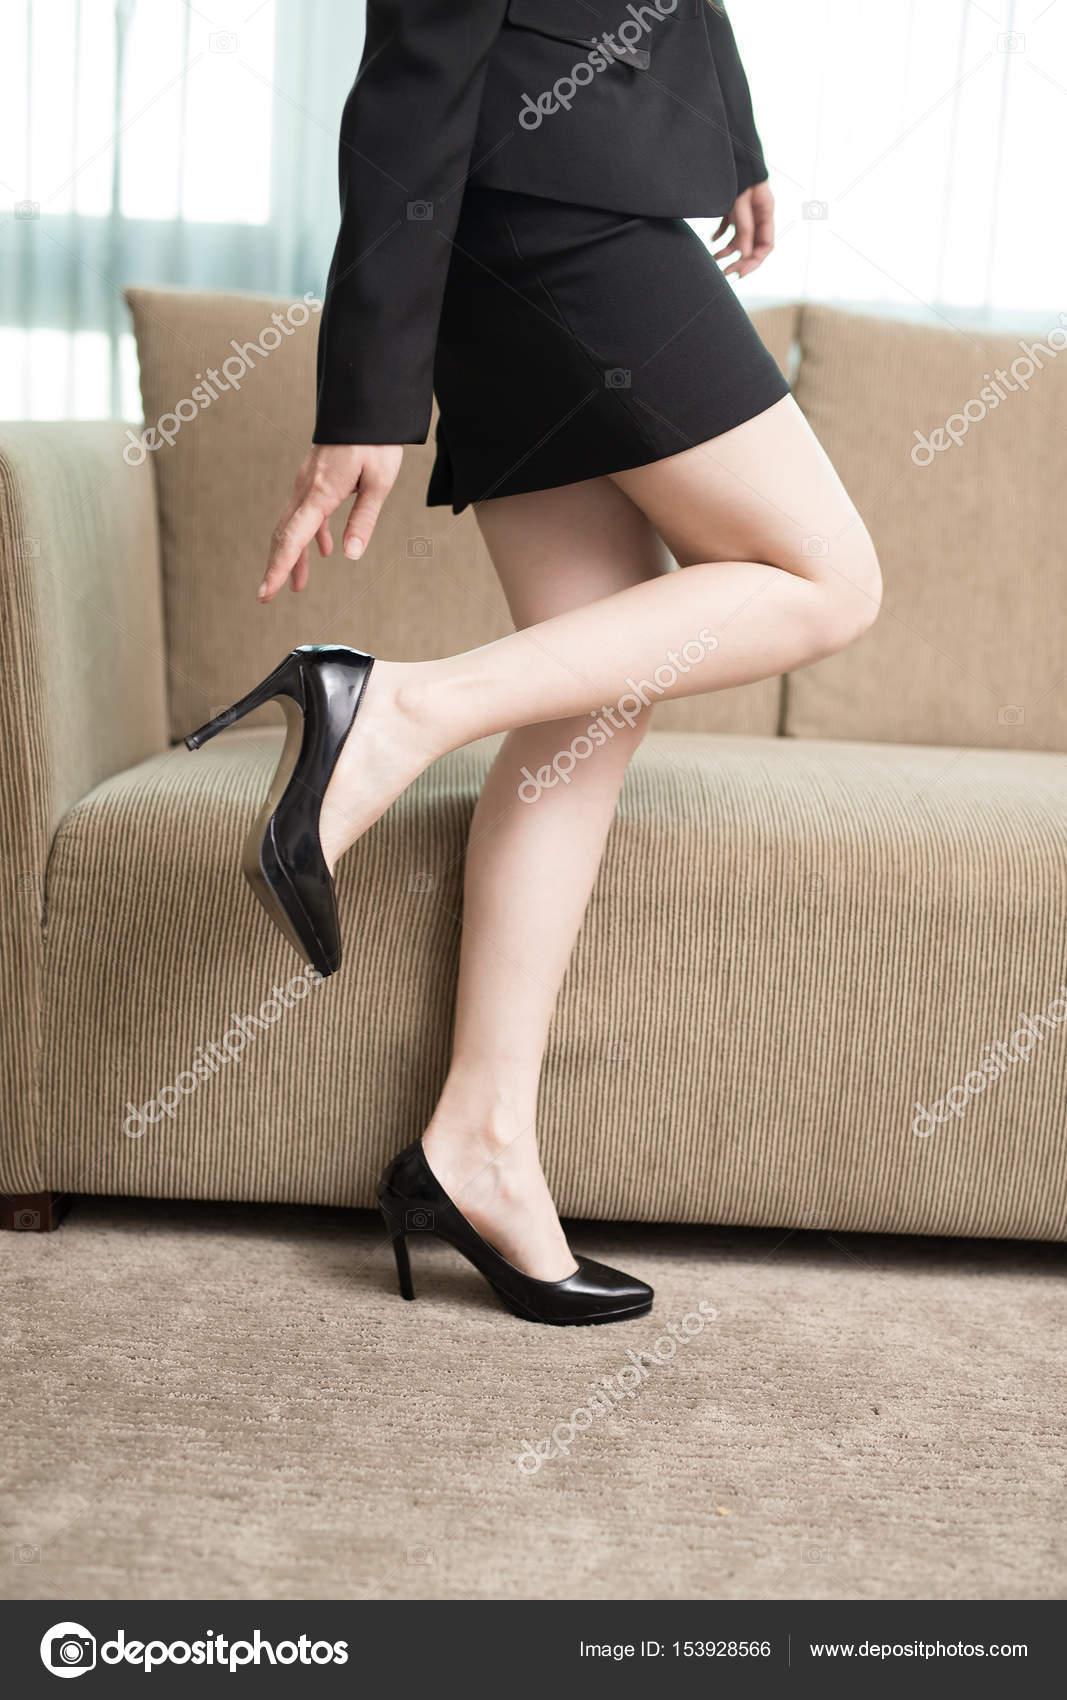 Vrouw Ryanking999153928566 Hakken Kantoor Stockfoto © In Hoge Het Op — Yb6gf7y